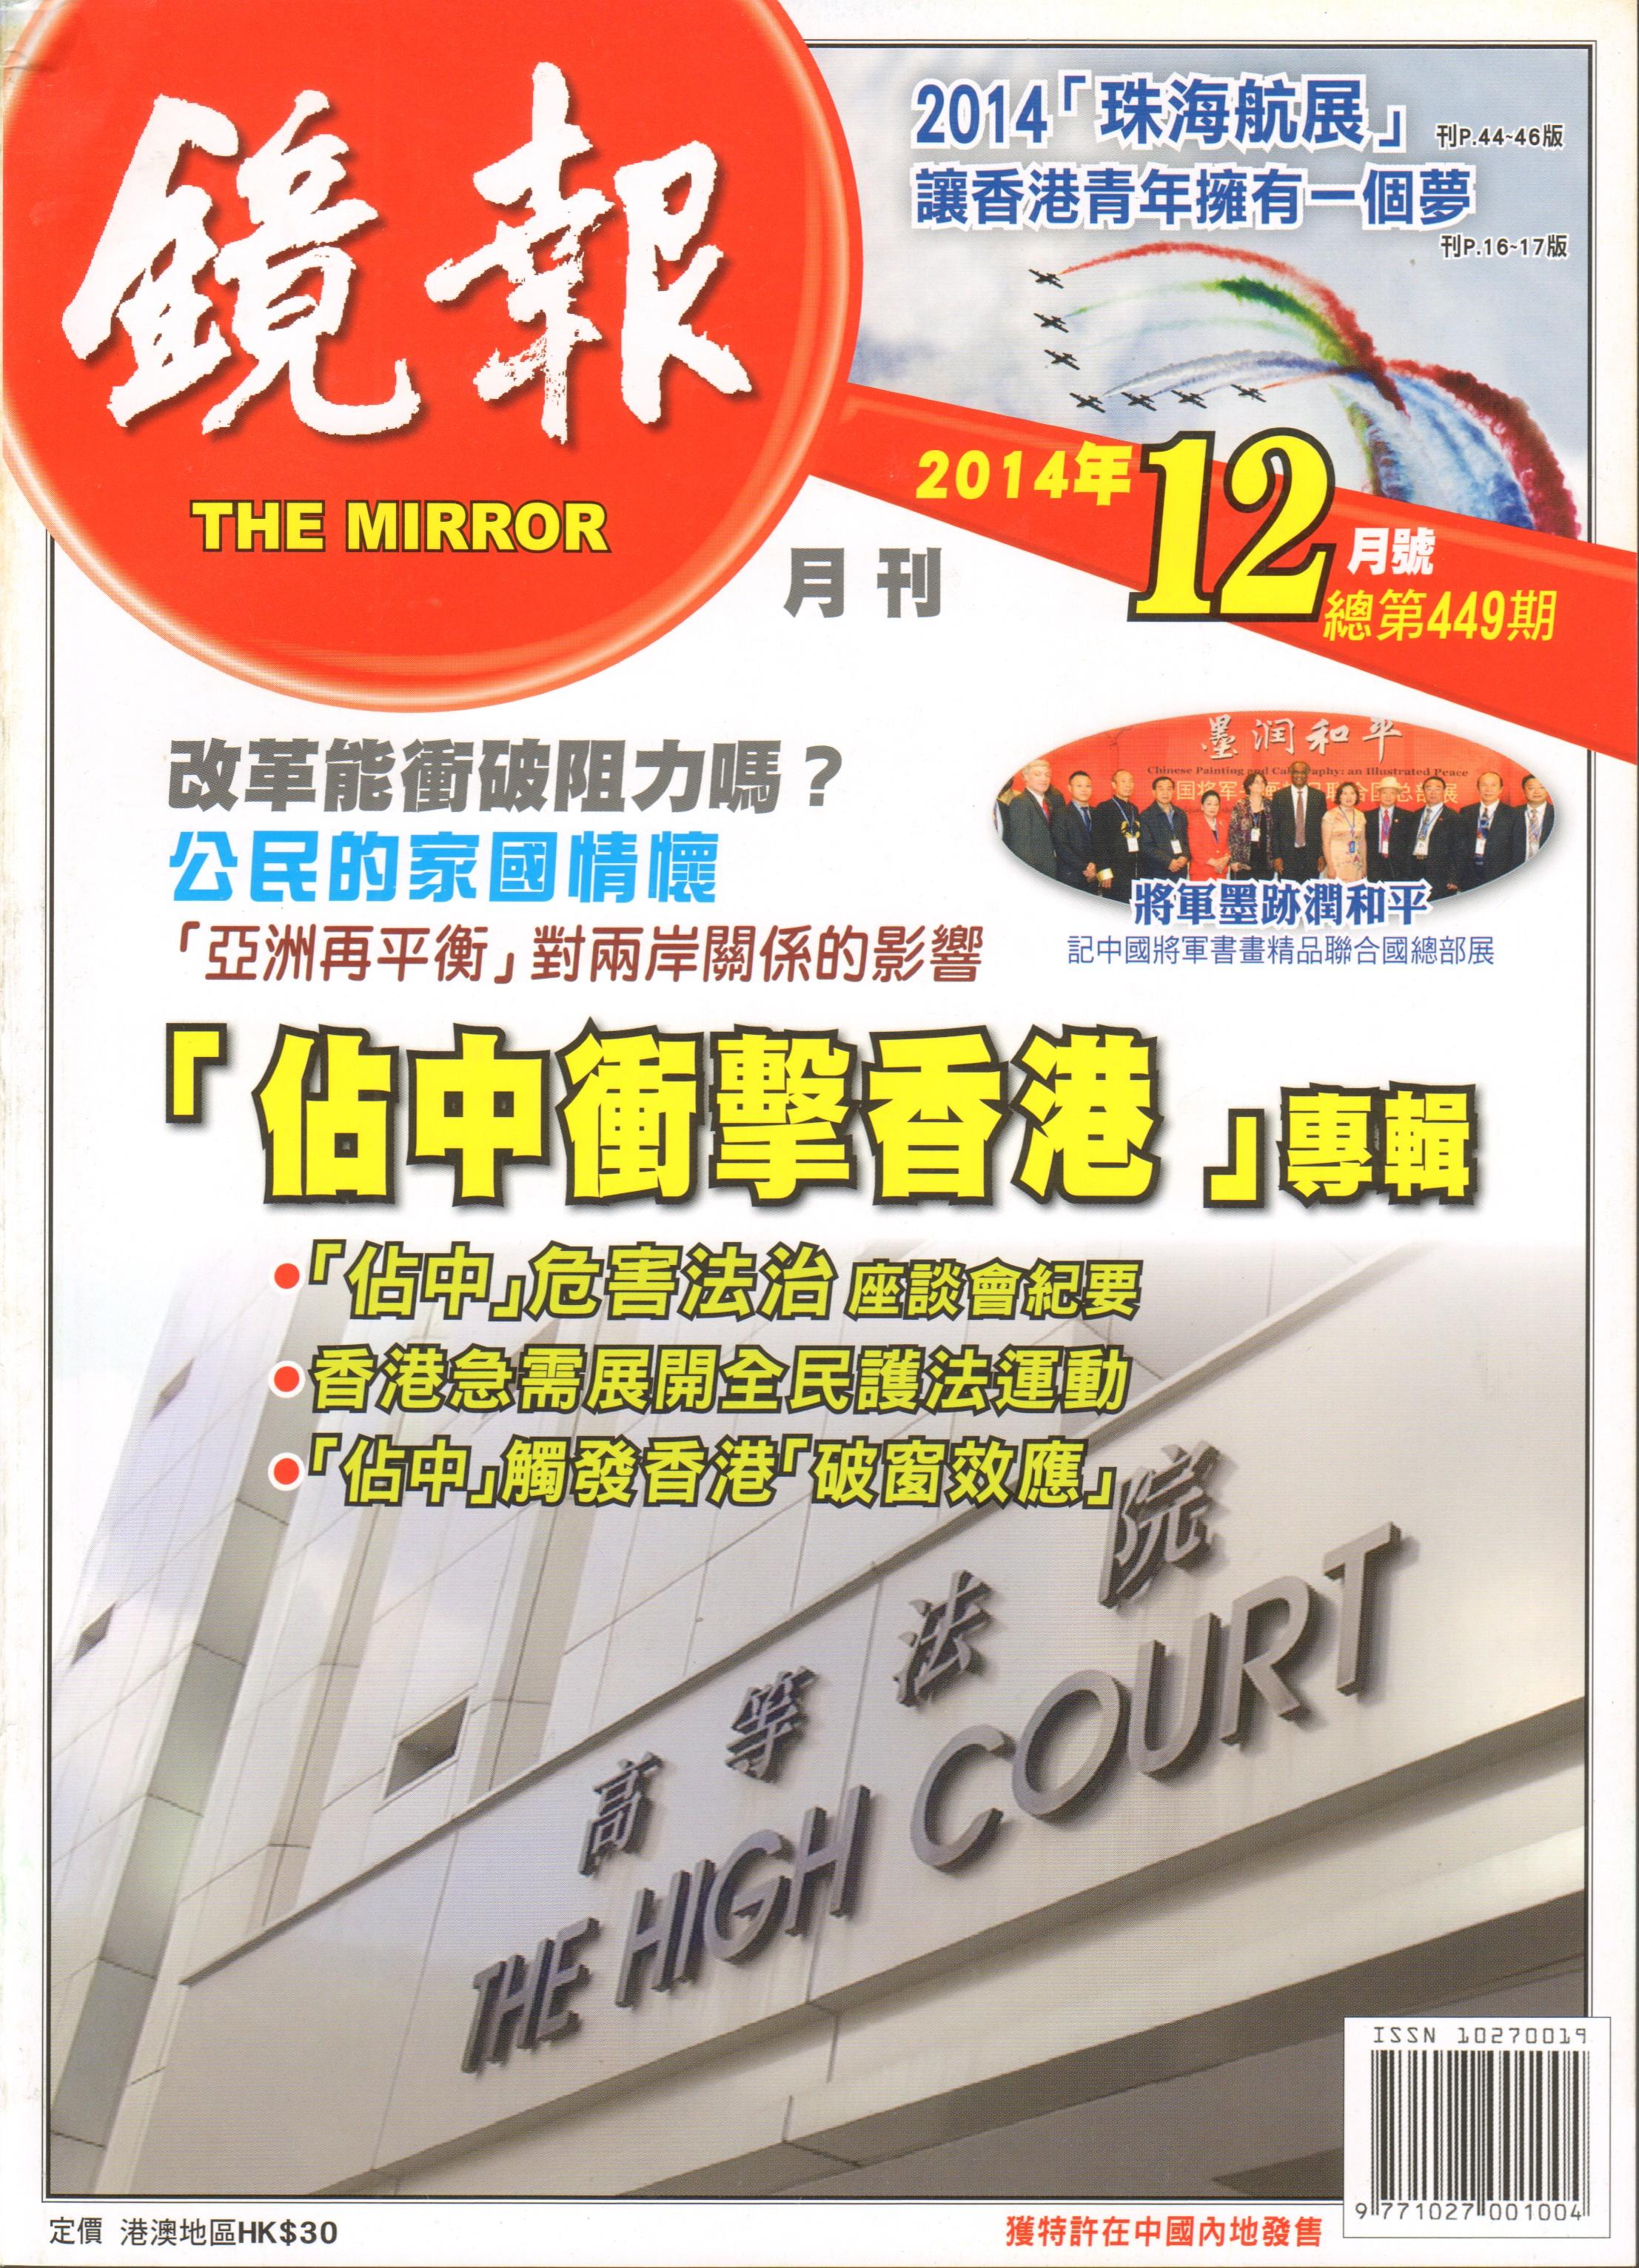 以报道和评论香港,中国大陆,国际国内政治时事和人物见常.